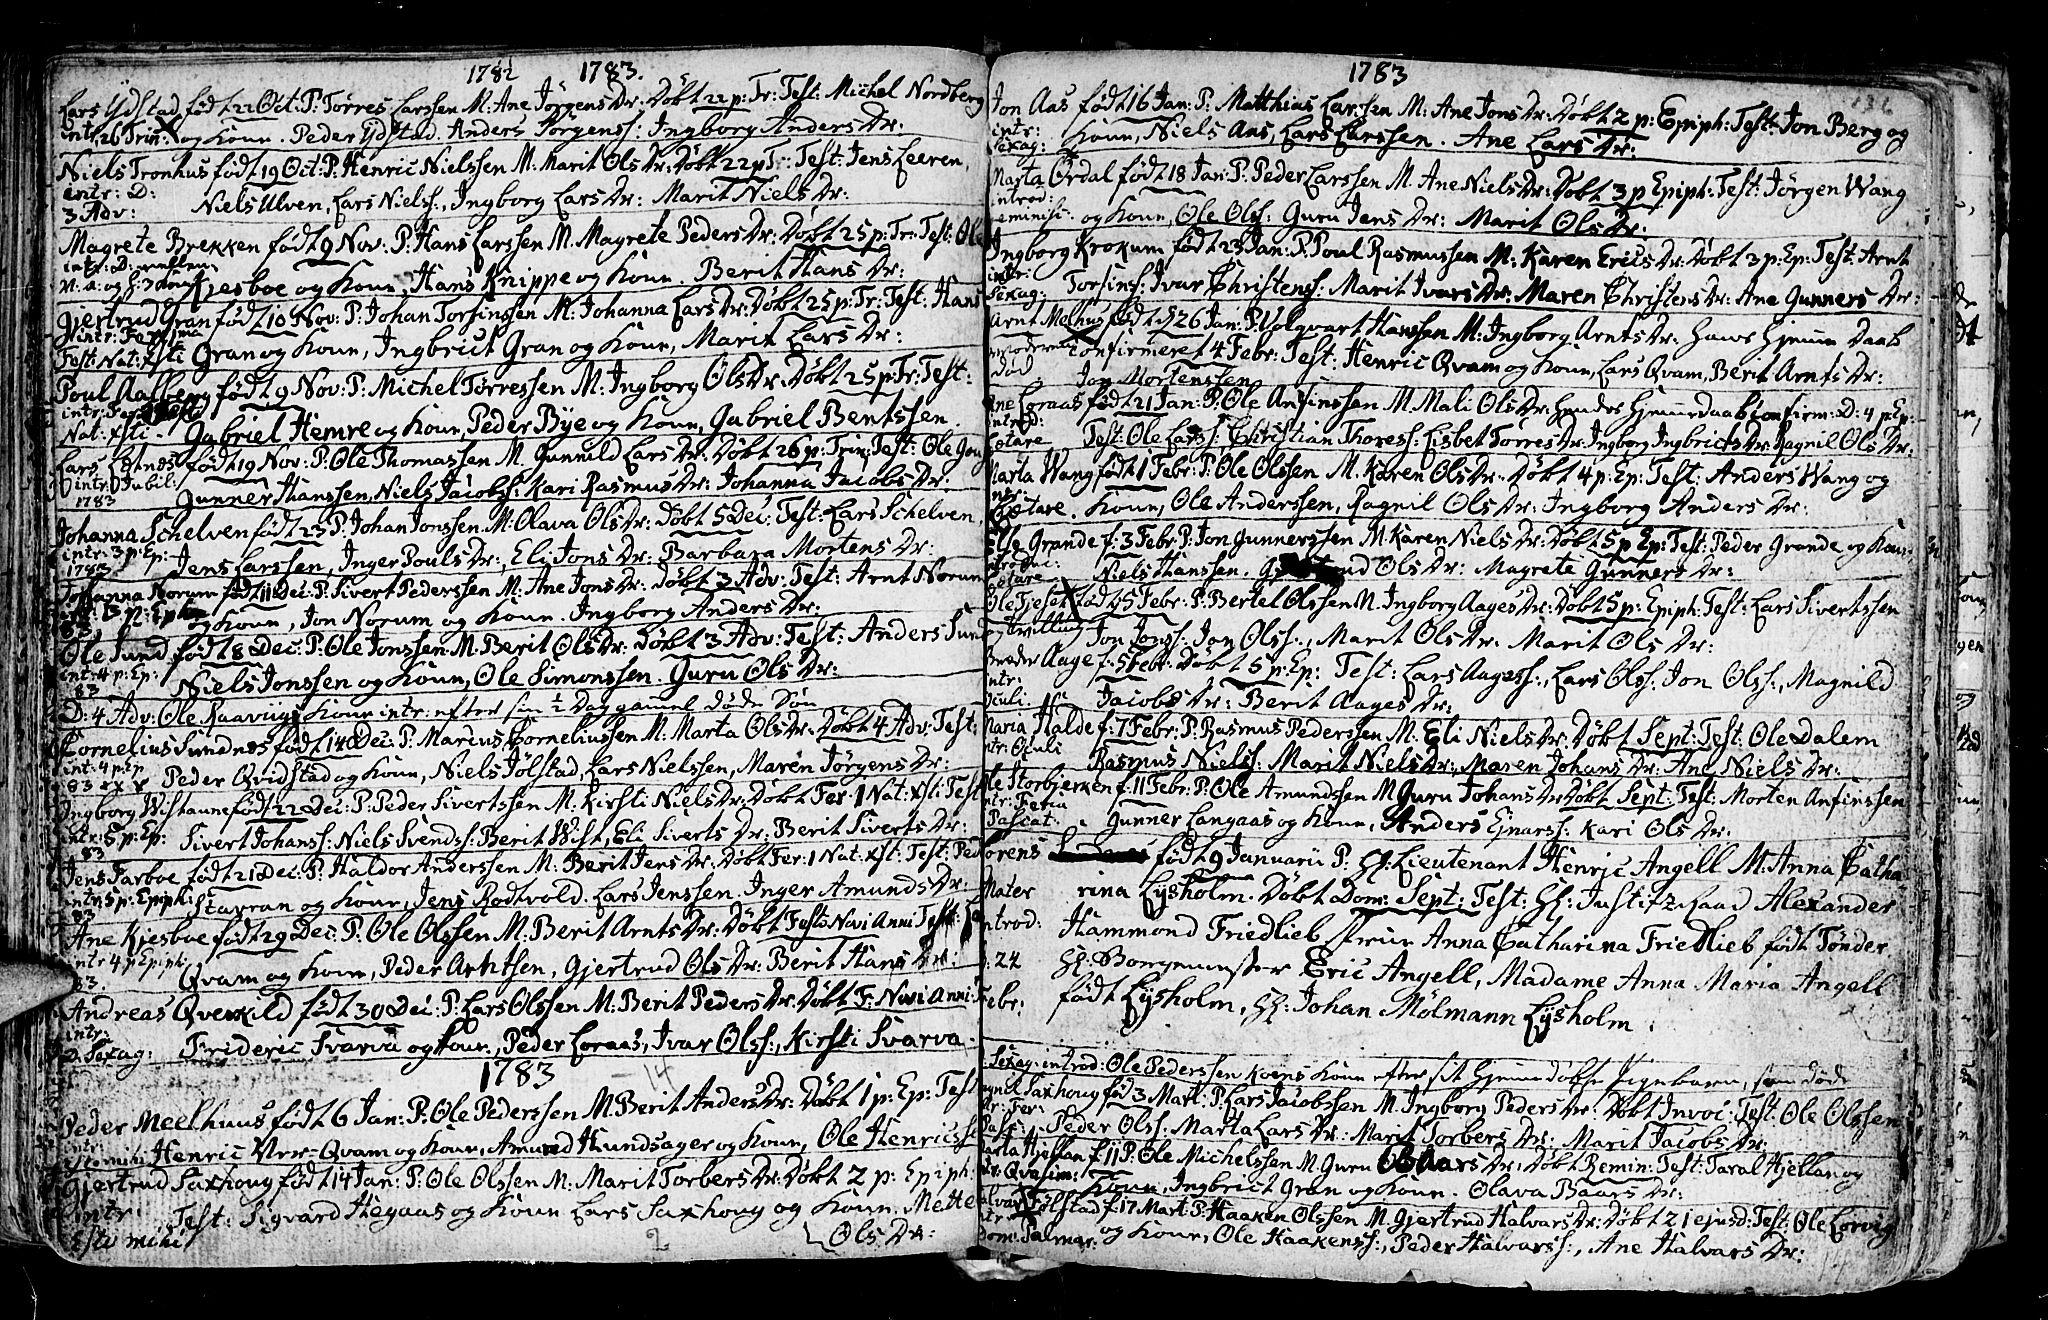 SAT, Ministerialprotokoller, klokkerbøker og fødselsregistre - Nord-Trøndelag, 730/L0273: Ministerialbok nr. 730A02, 1762-1802, s. 136